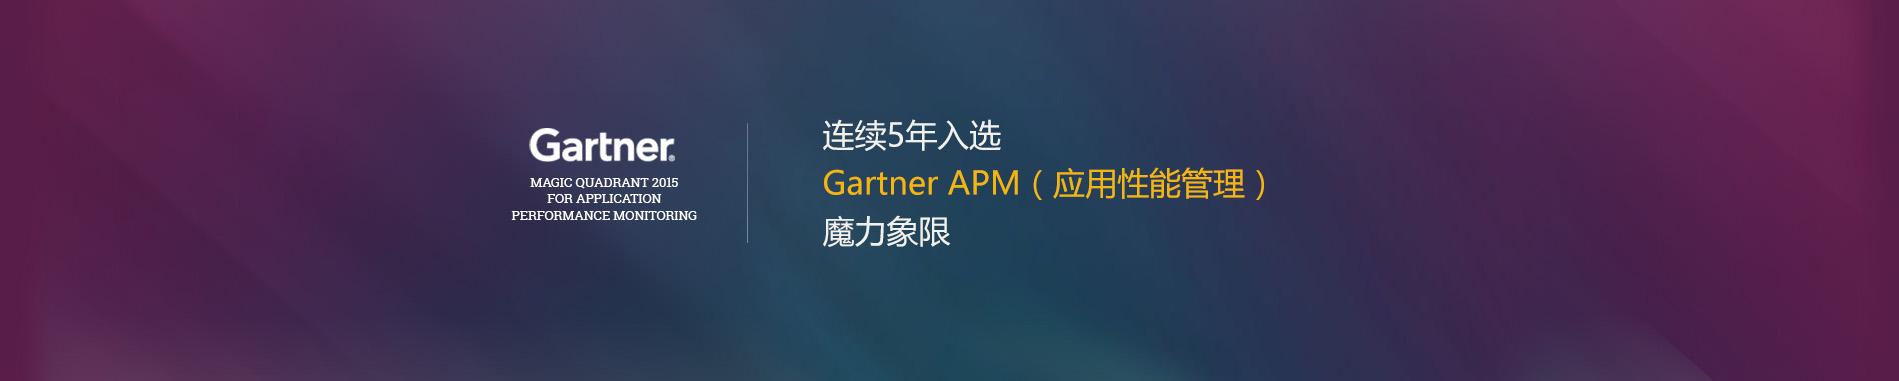 Gartner APM应用性能管理魔力象